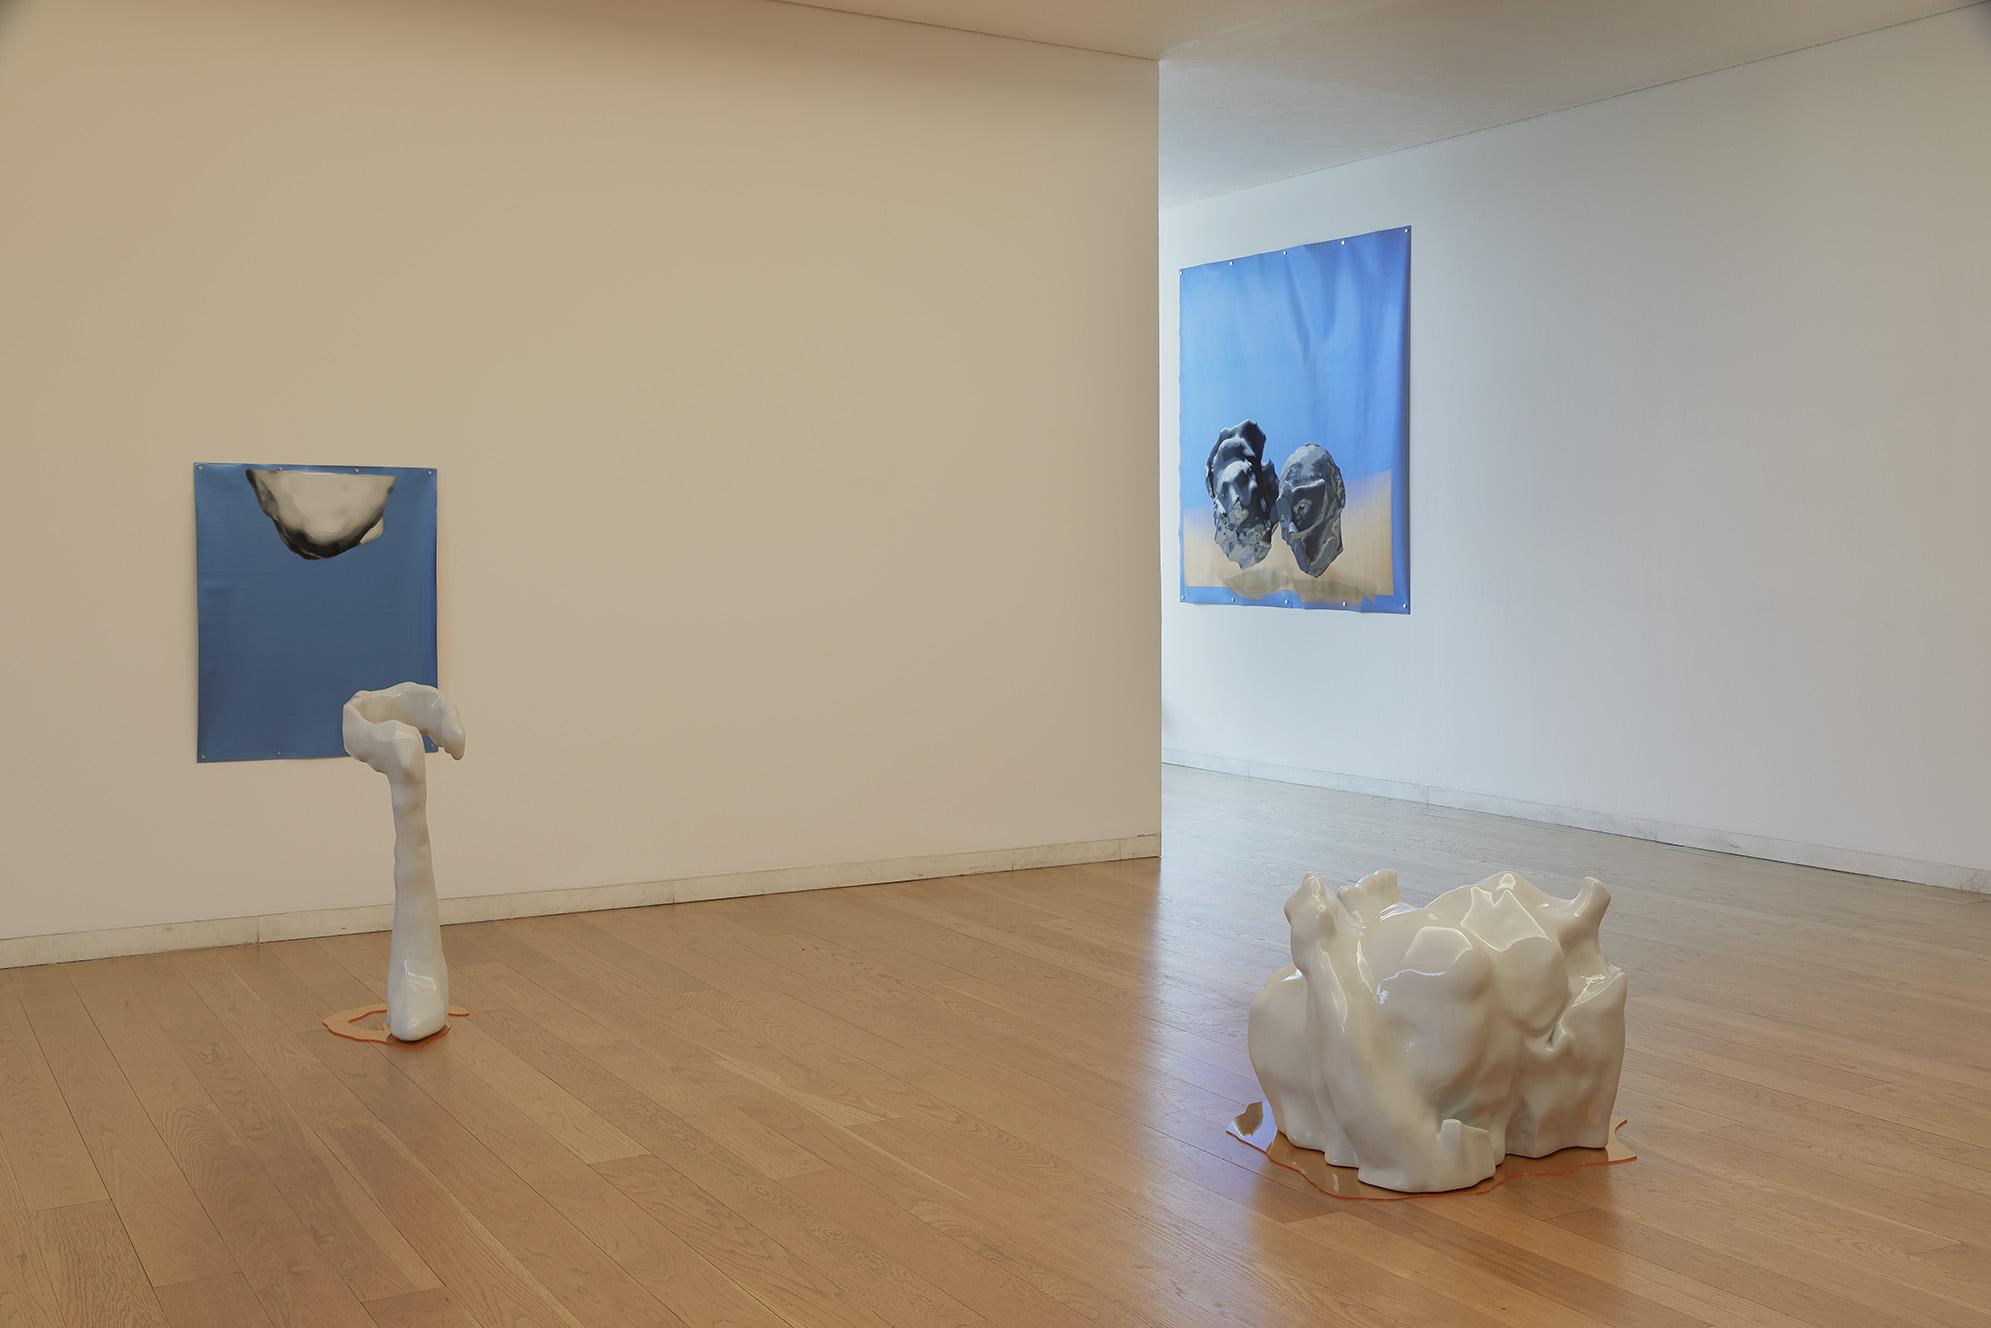 Vista de la exposición Novo Banco Revelação 2018, Museo de Serralves, Porto. fot. por Filipe Braga (2018) - Carlos Arteiro